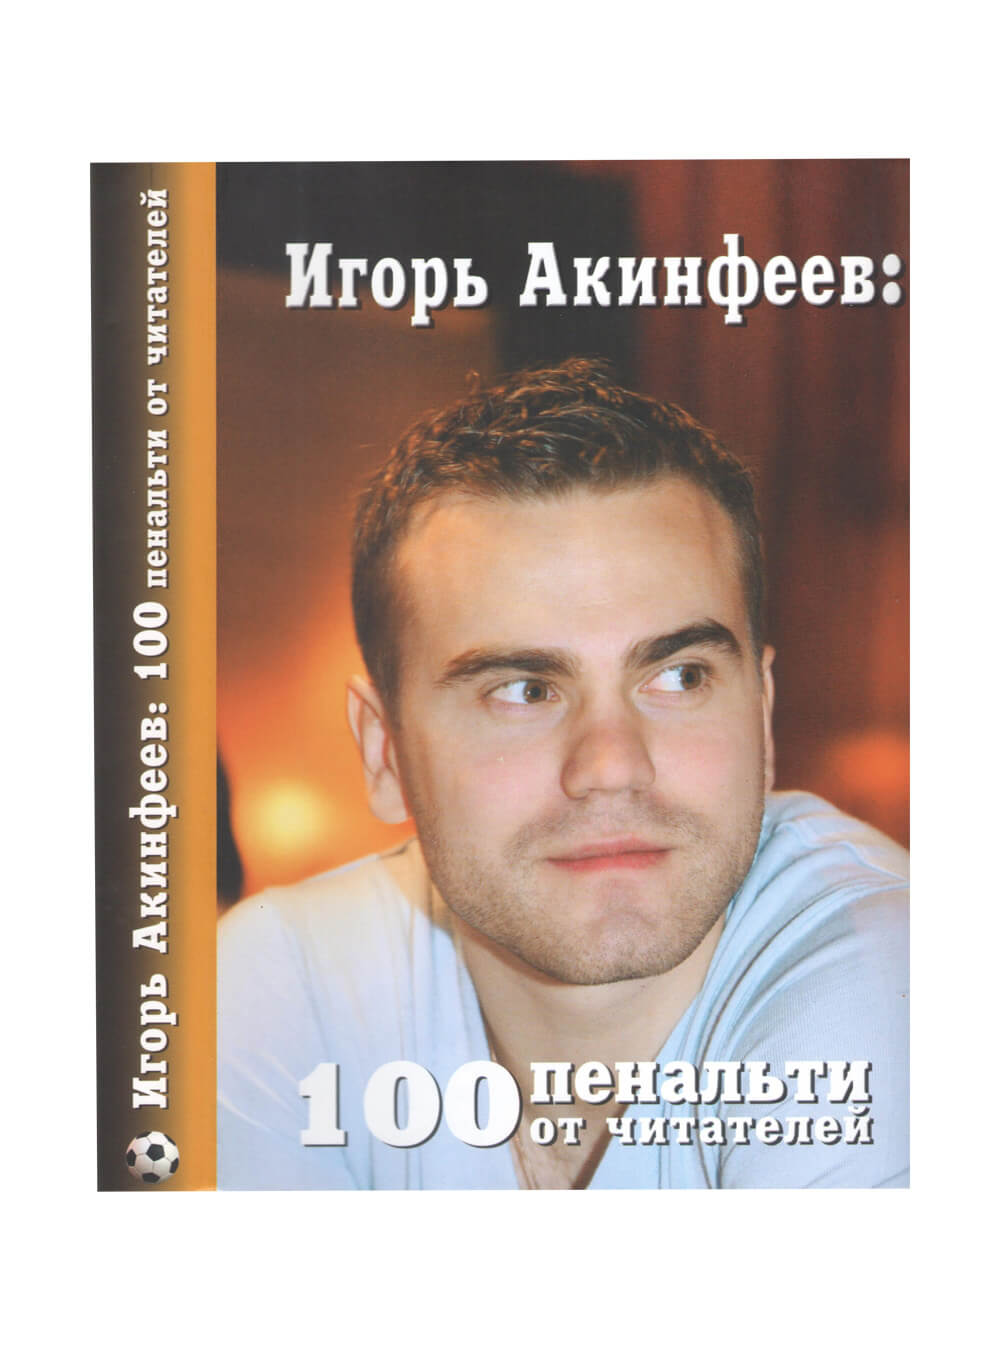 Книга И.Акинфеев. 100 пенальти от читателейКниги<br>Книга И.Акинфеев. 100 пенальти от читателей<br>